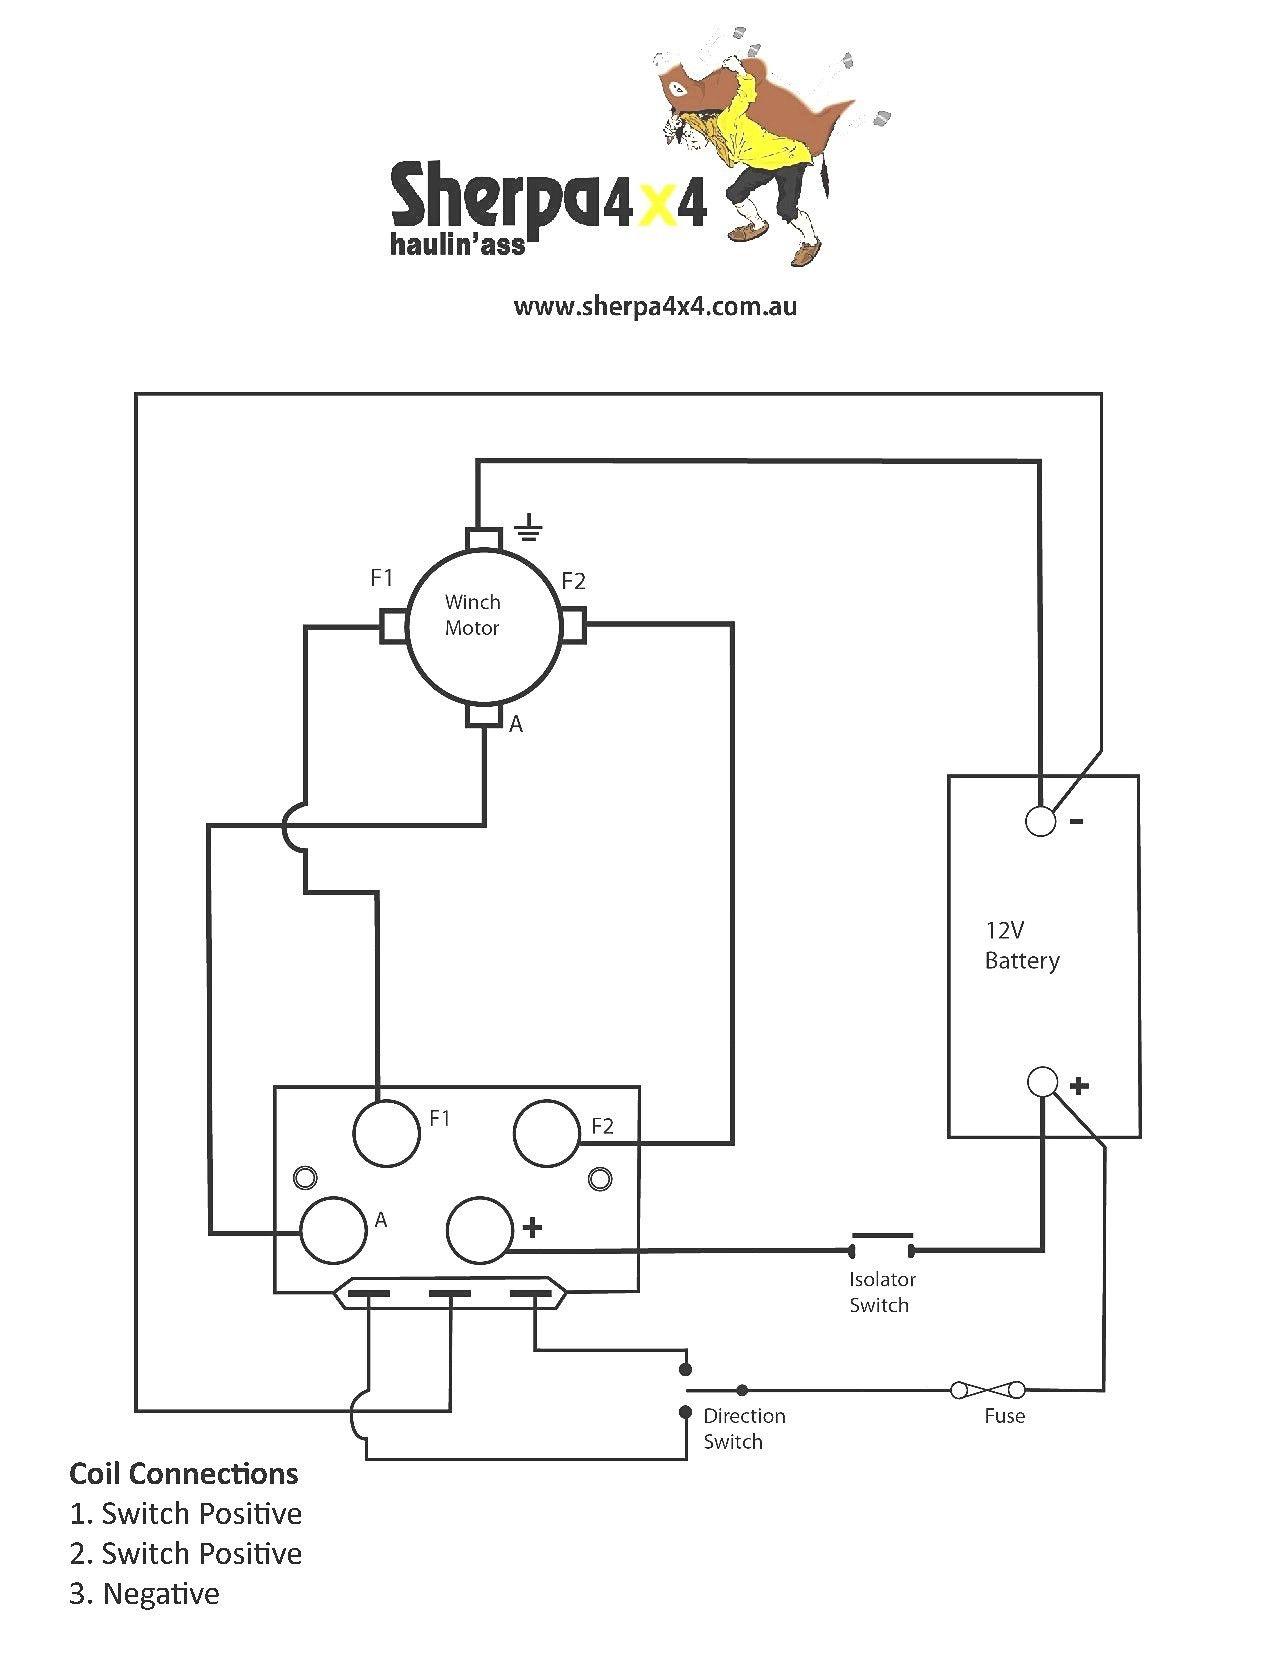 Diagram Diagramtemplate Diagramsample Check More At Https